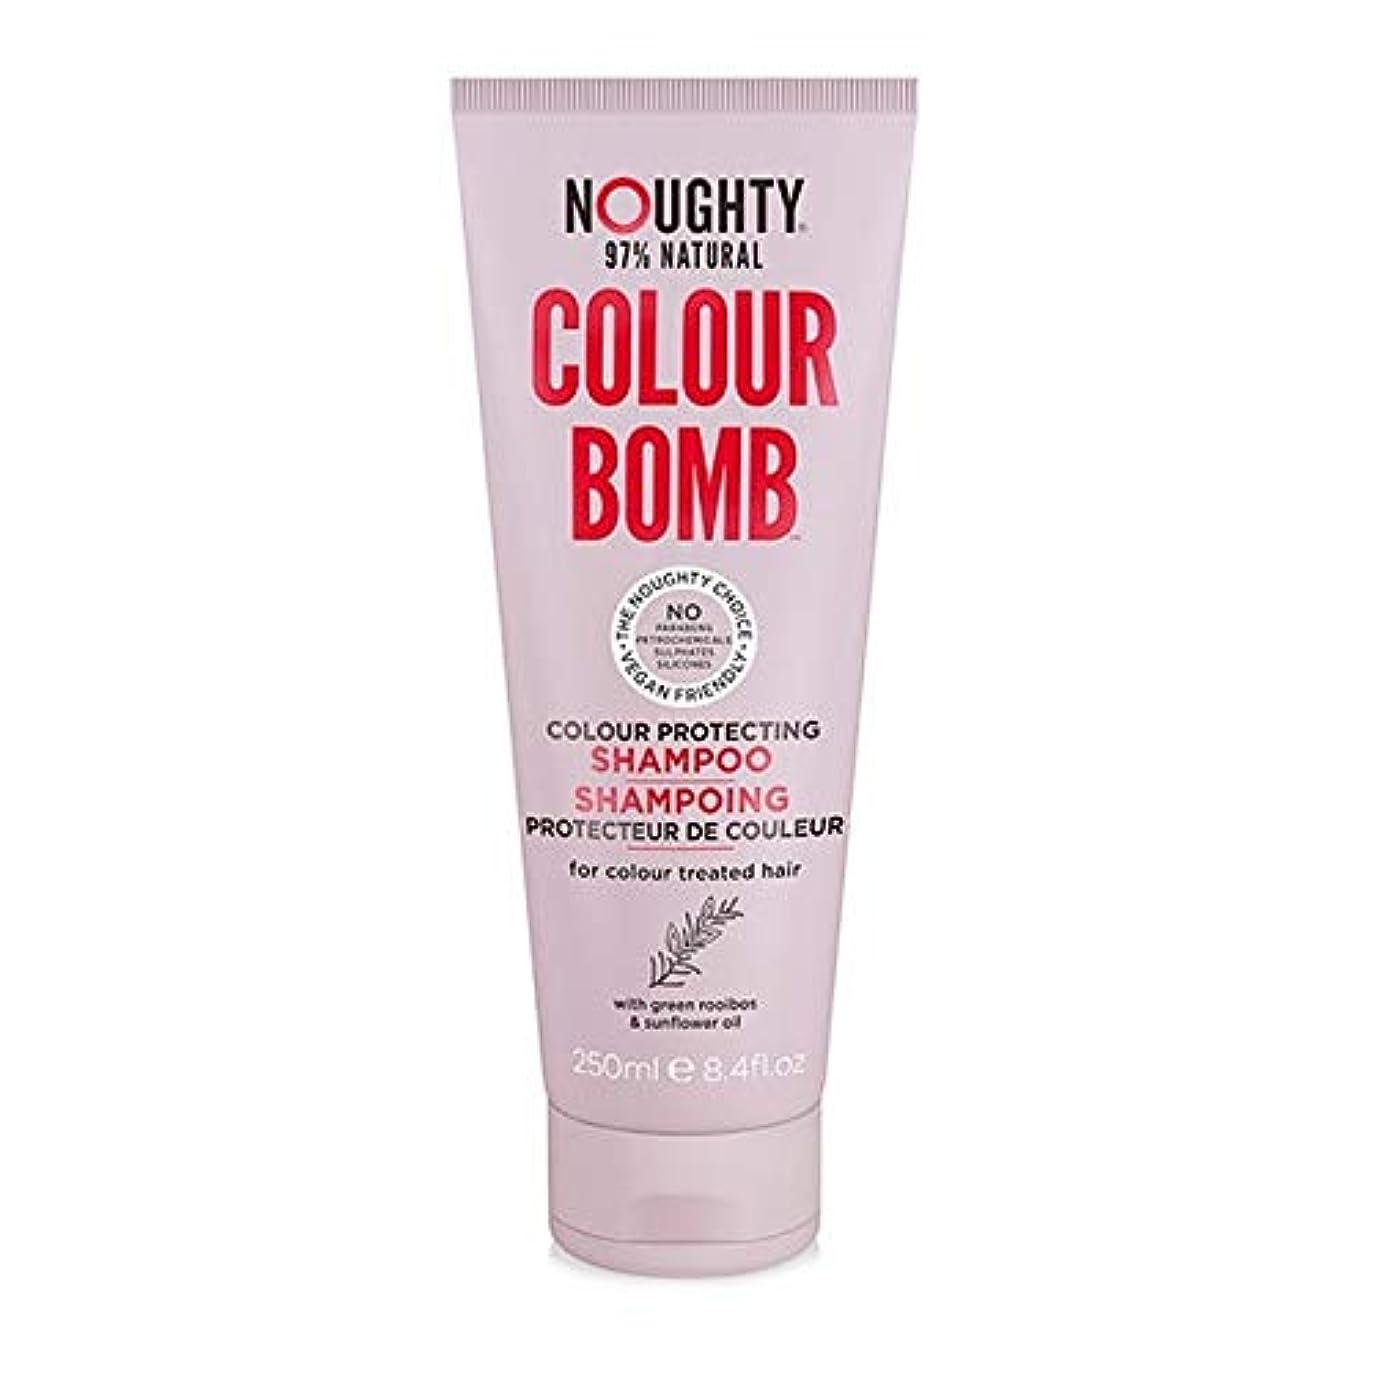 圧縮する薬用生息地[Noughty] シャンプー250ミリリットルを保護Noughtyカラー爆弾の色 - Noughty Colour Bomb Colour Protecting Shampoo 250ml [並行輸入品]